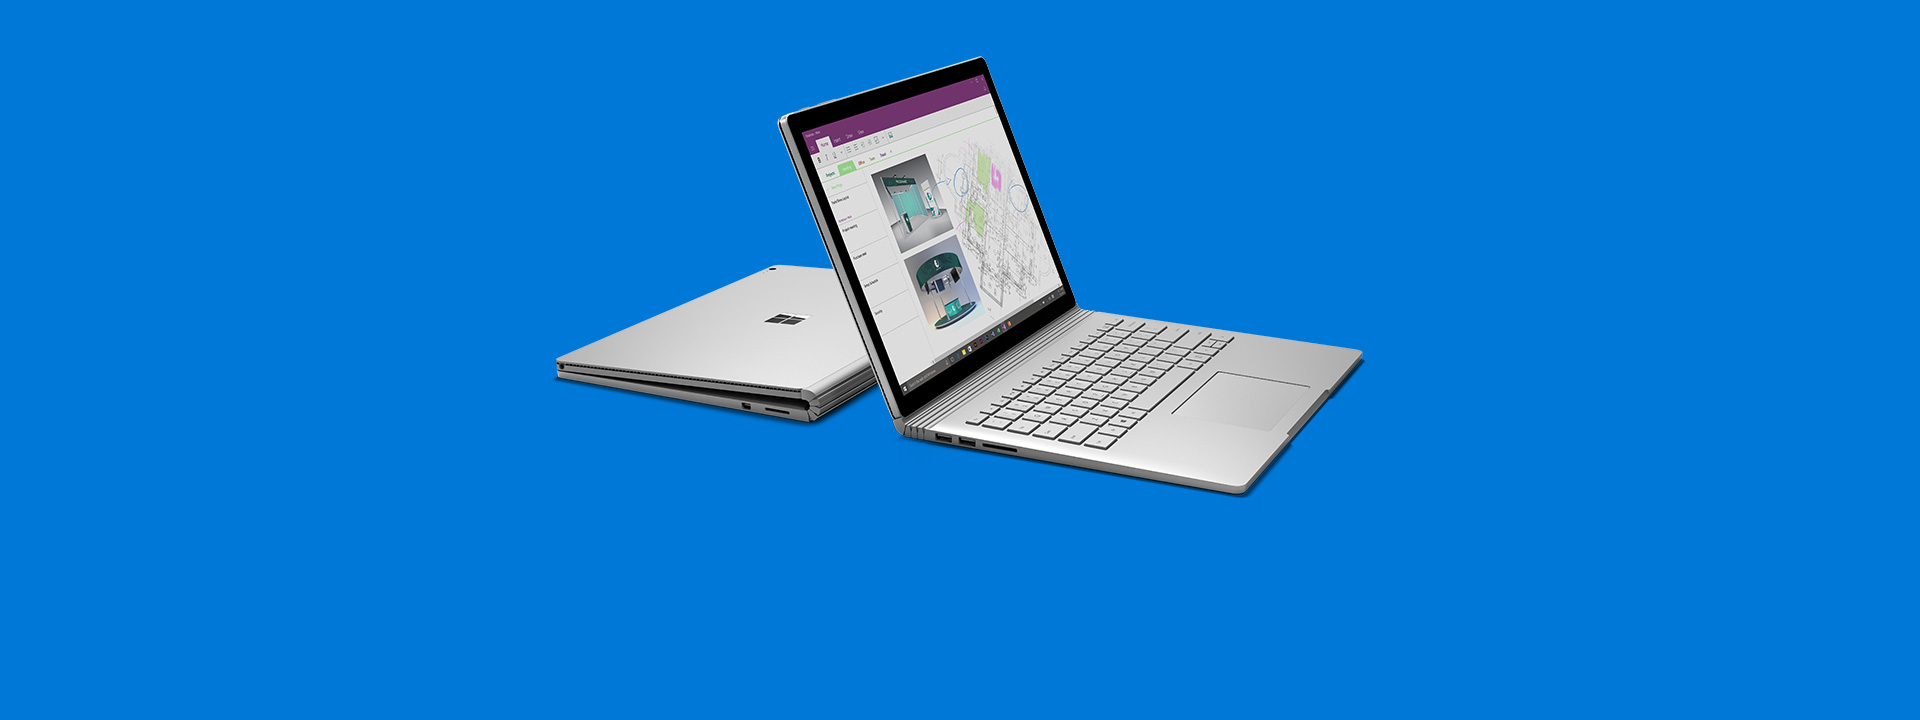 Zwei Surface Books, weitere Informationen